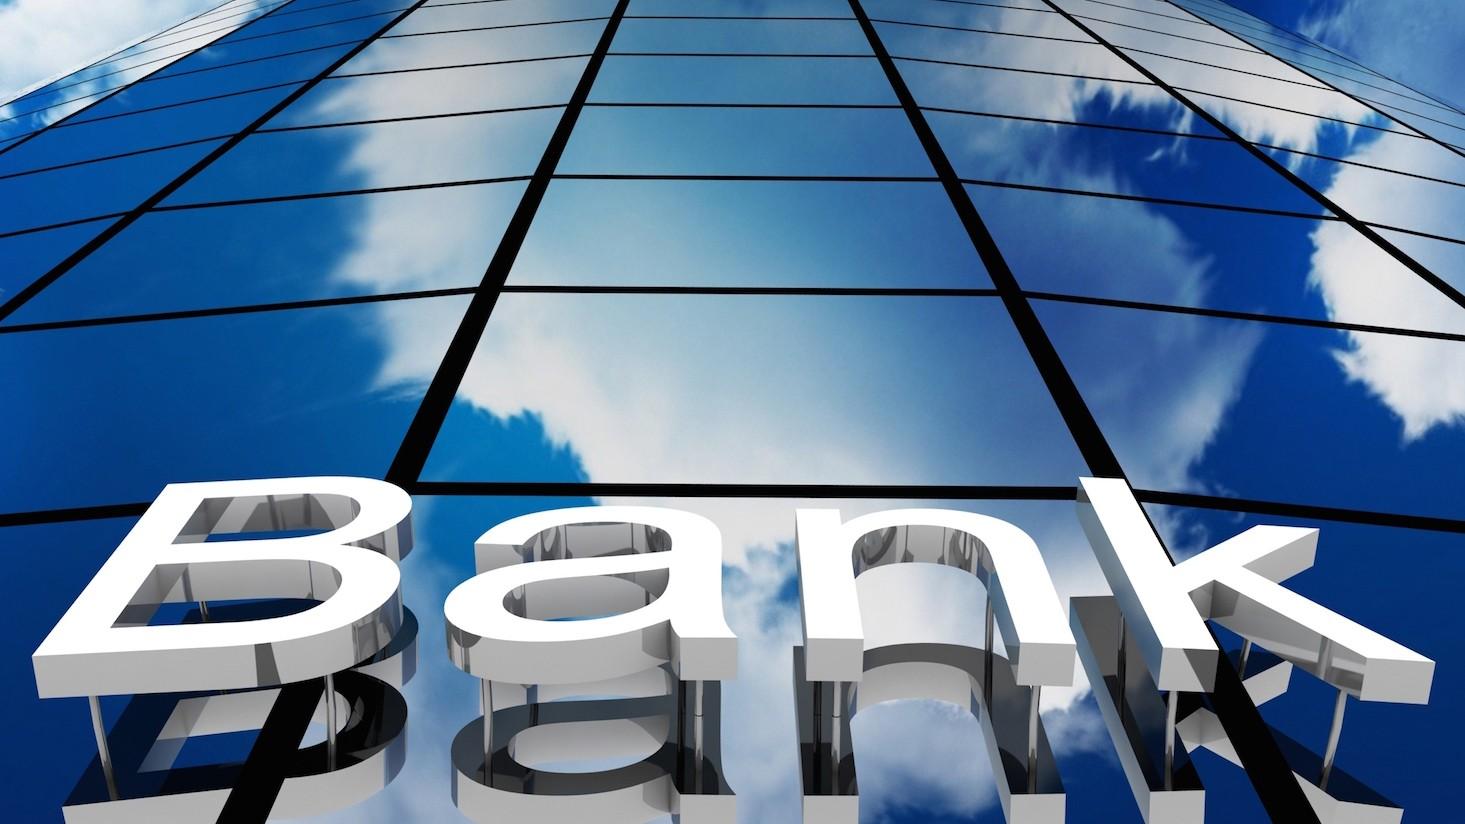 Banklarda krediti olan hərbçilərlə bağlı vahid yanaşma - AÇIQLAMA